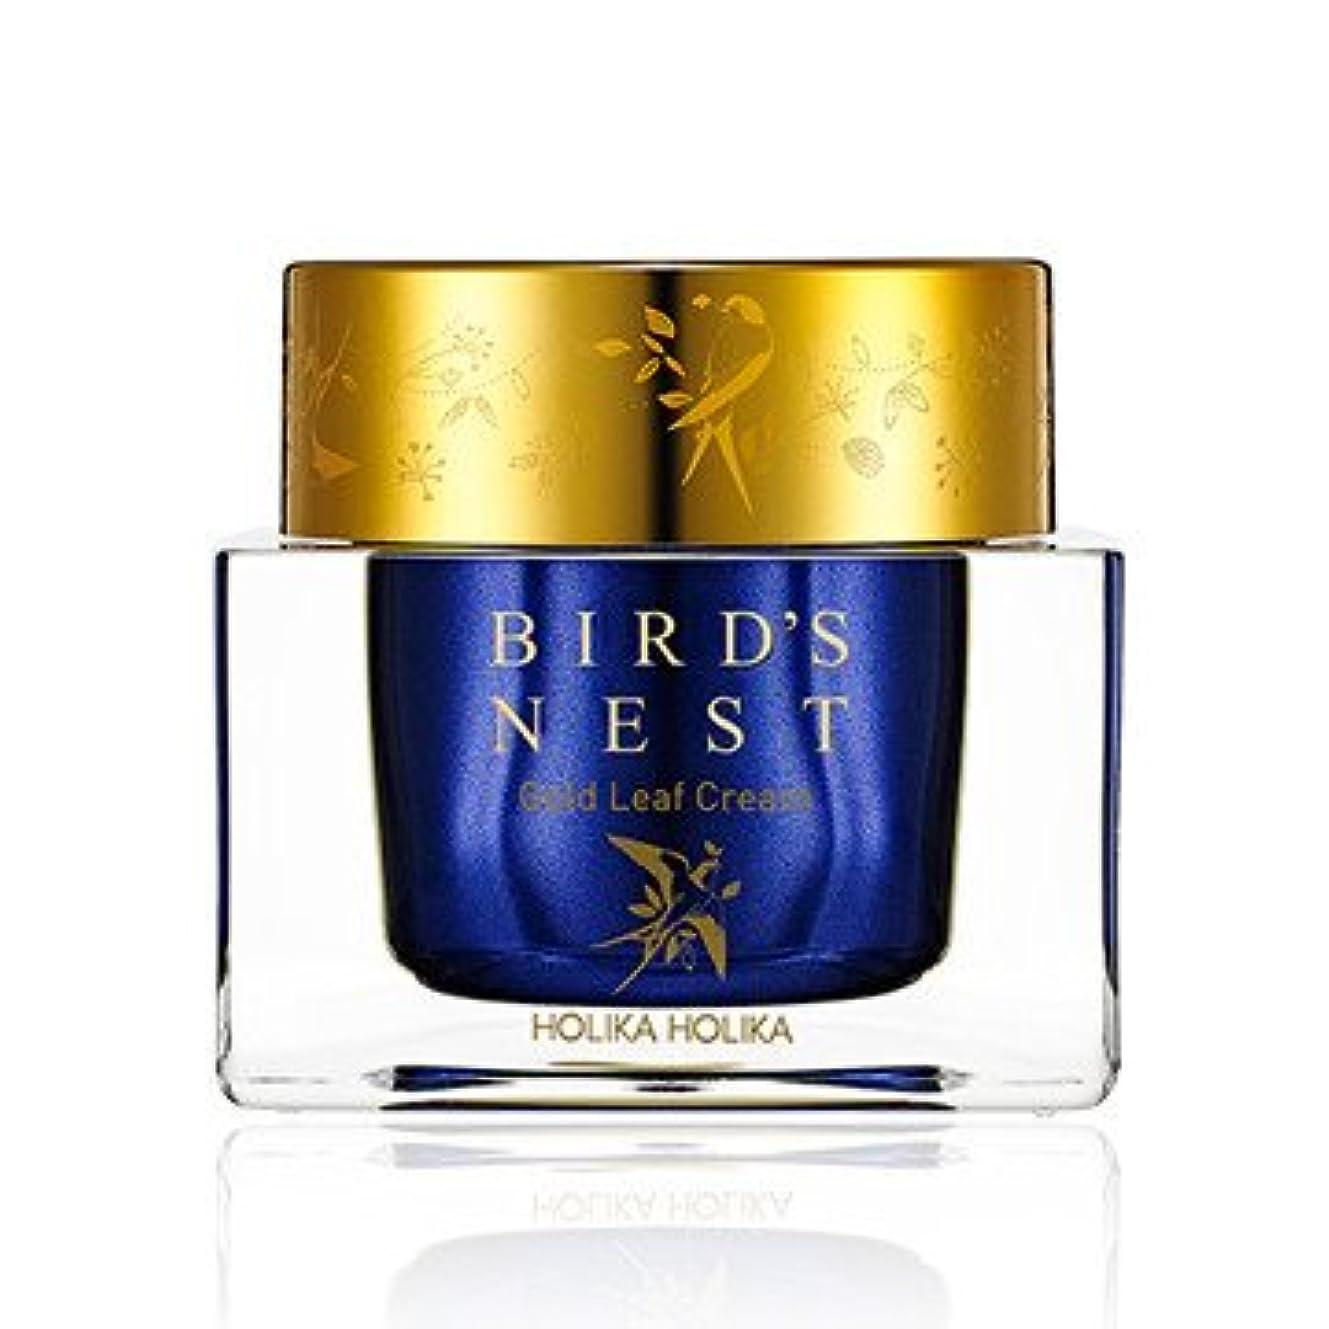 アッパー答えアセ[2018 NEW] ホリカホリカ プライムユース バーズネスト ゴールドリーフ クリーム/Holika Holika Prime Youth Birds Nest Gold Leaf Cream 55ml [並行輸入品]